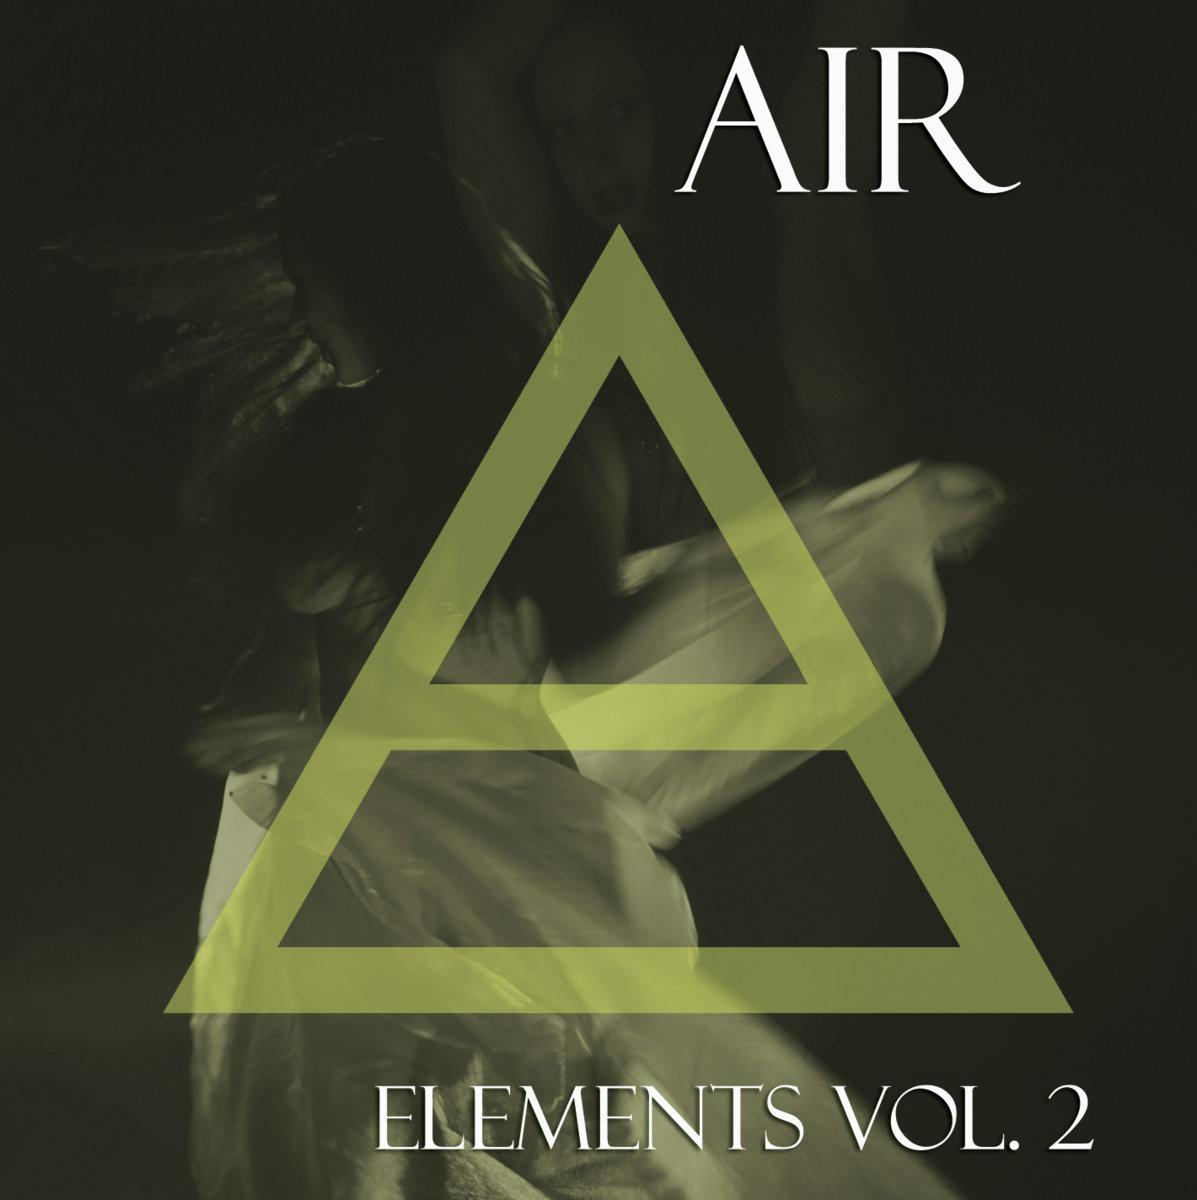 Elements Vol 2 Air Venus Aeon